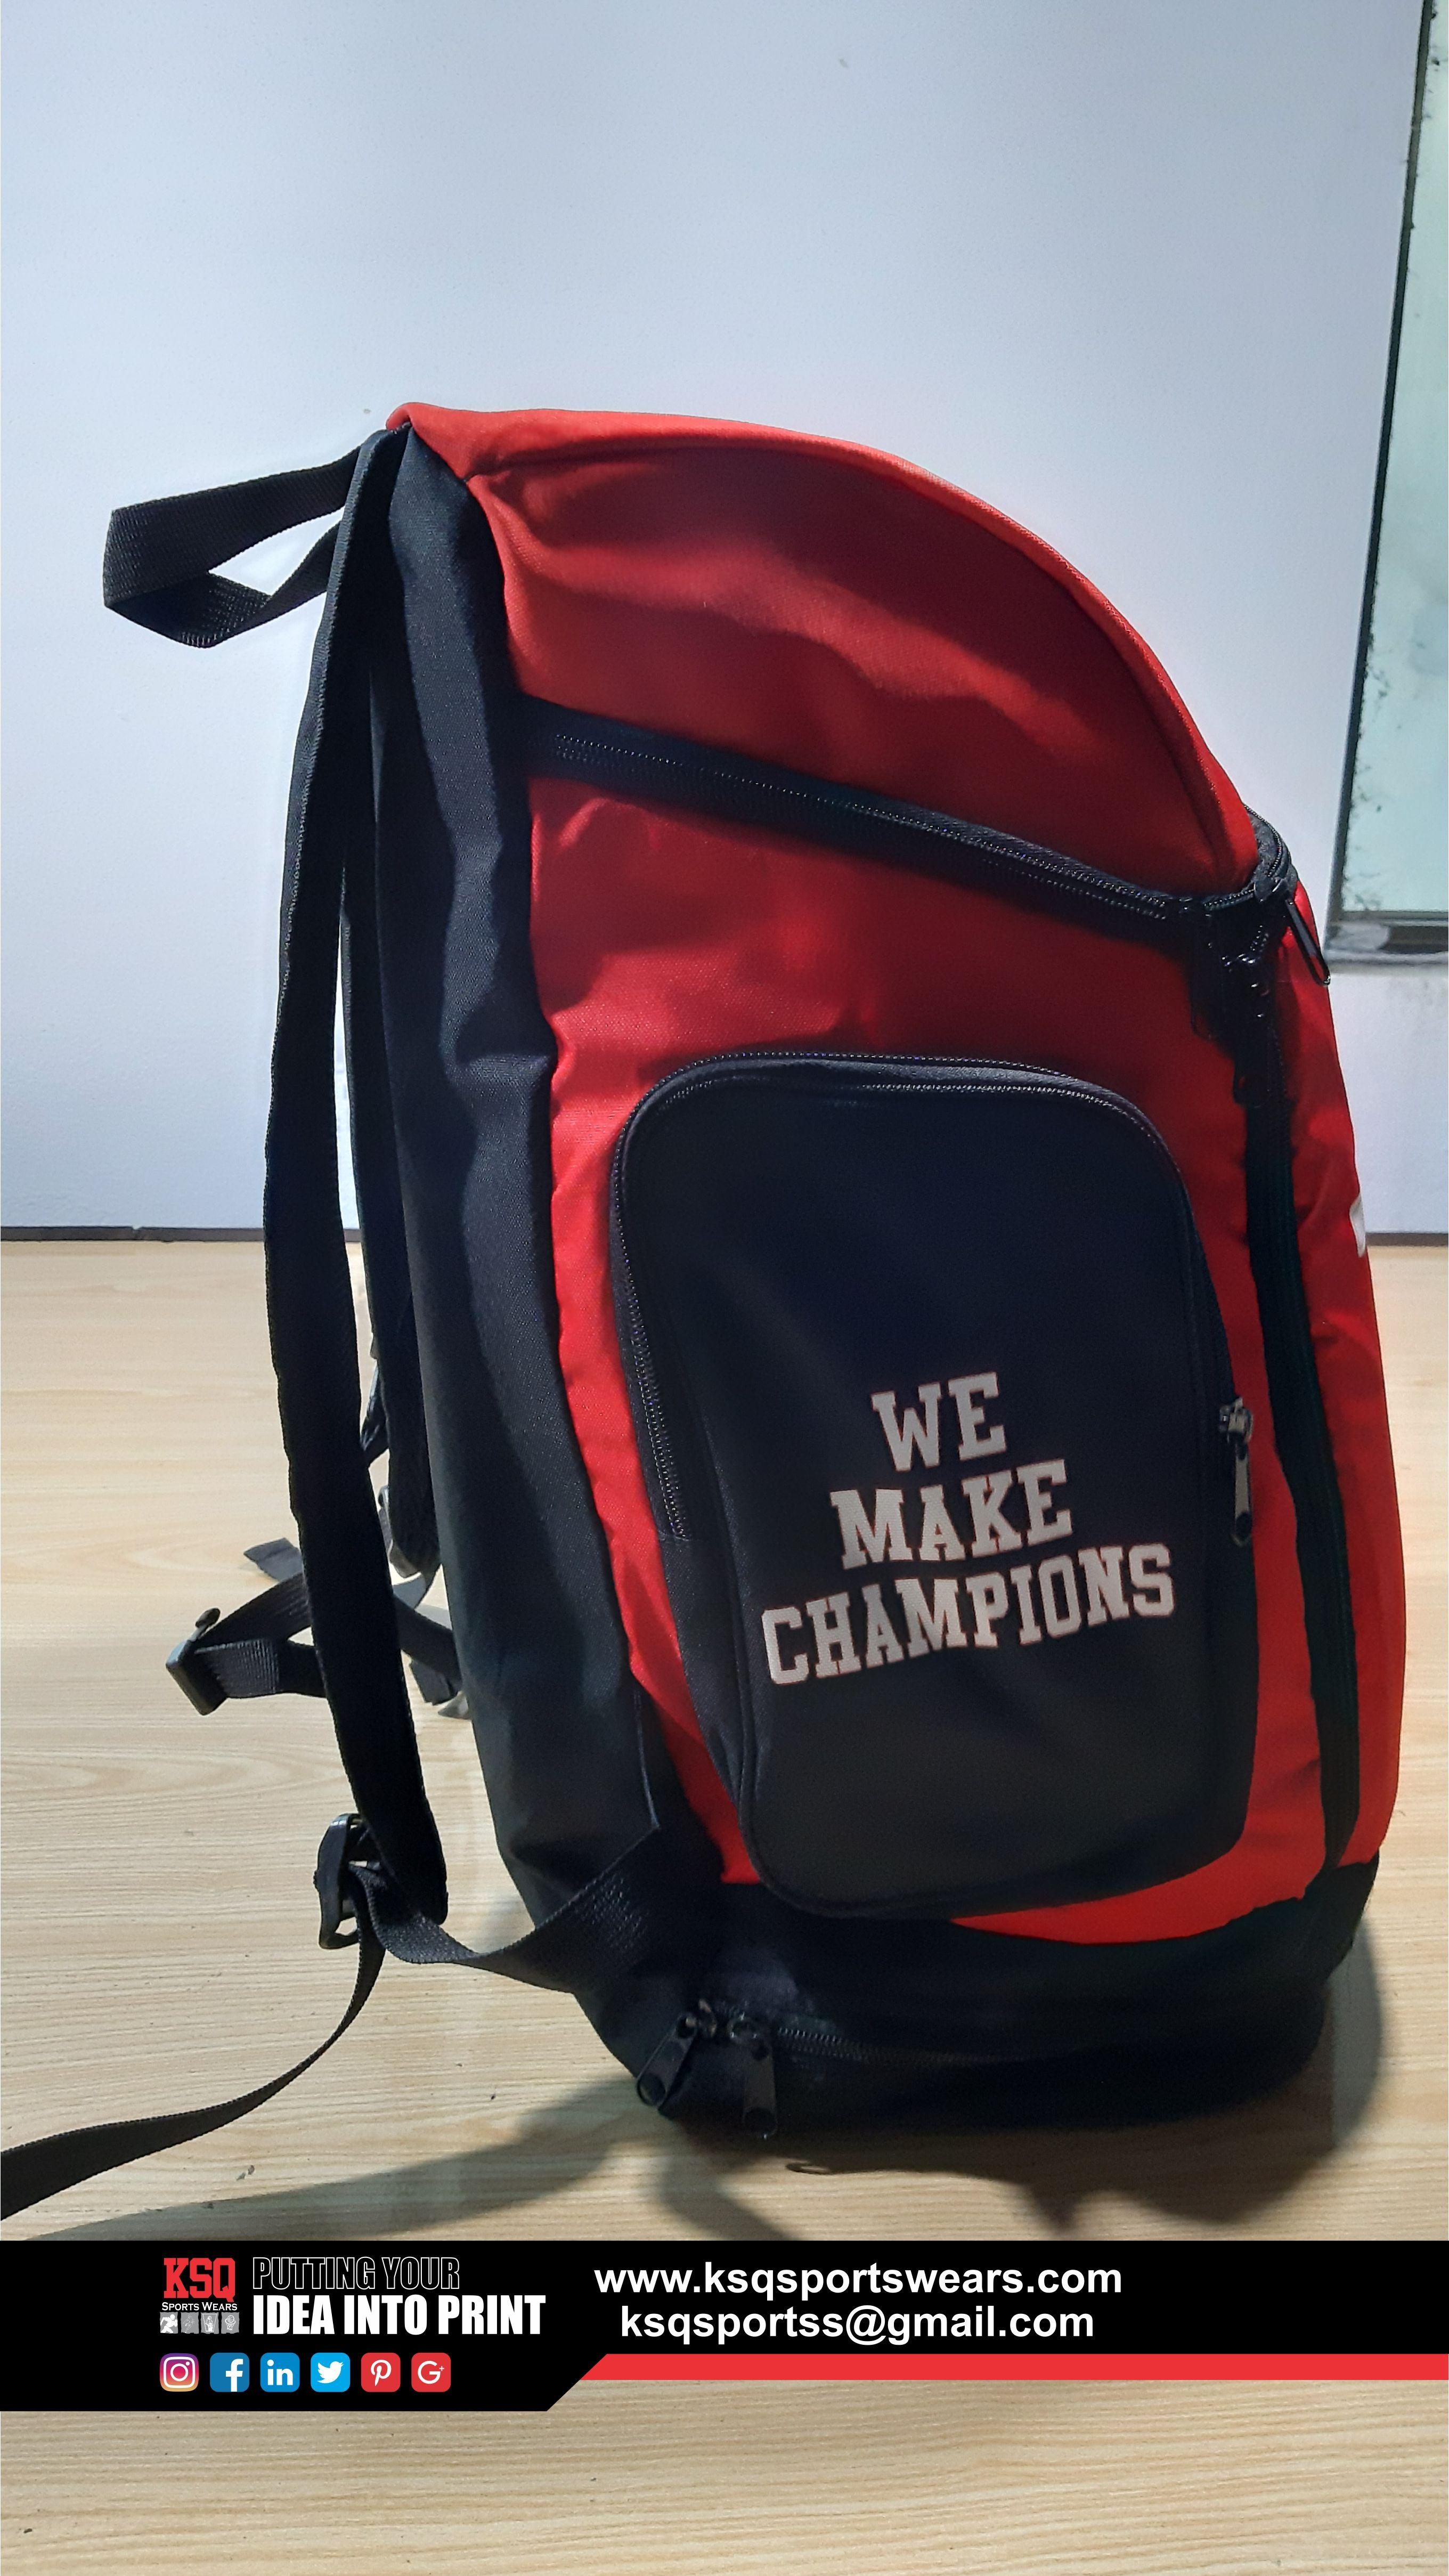 Backpacks bags in 2020 backpacks team emblems bags